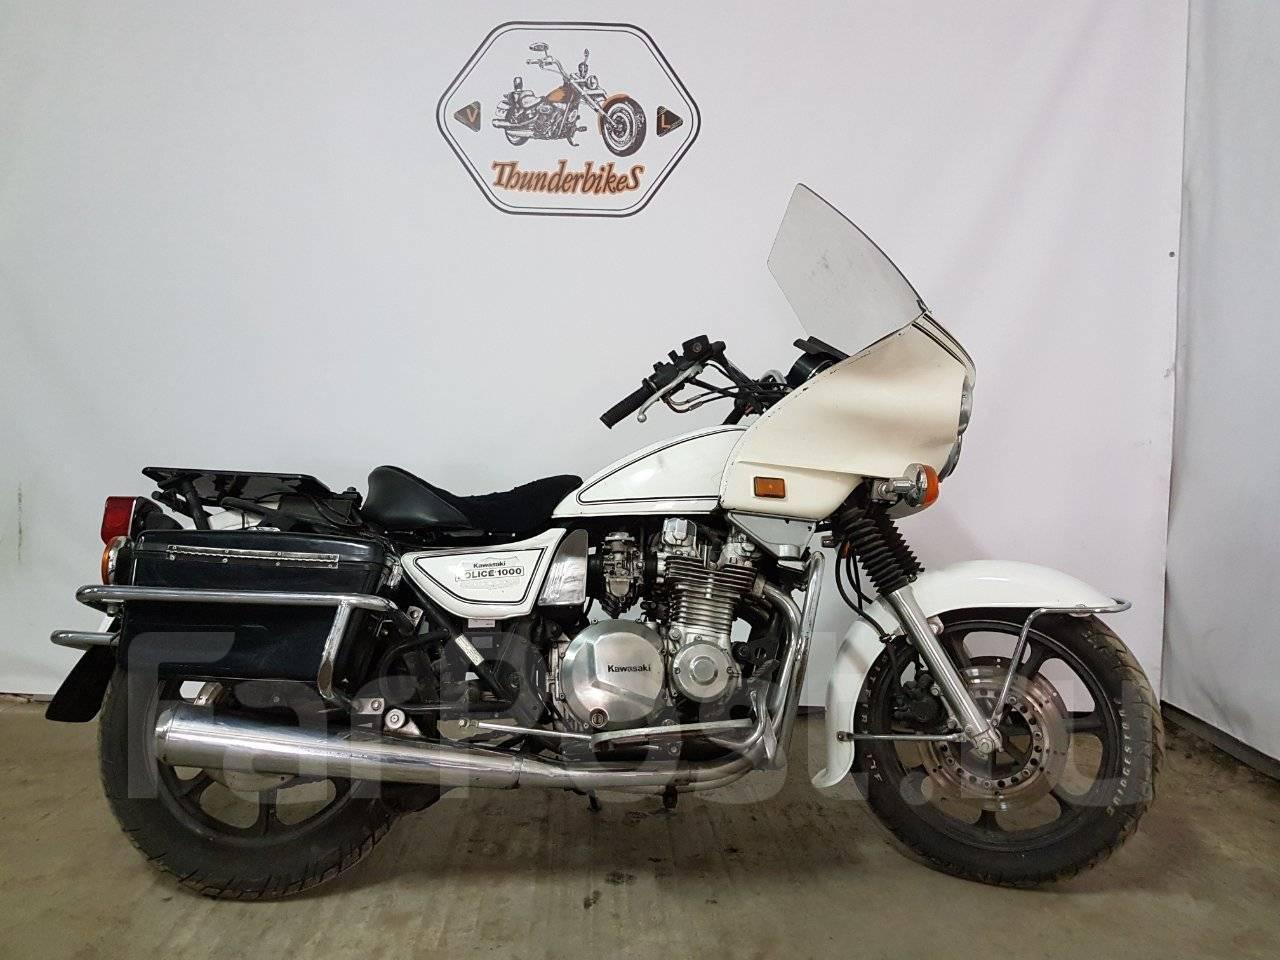 купить мотоциклы Kawasaki Police во владивостоке цены на новые и б